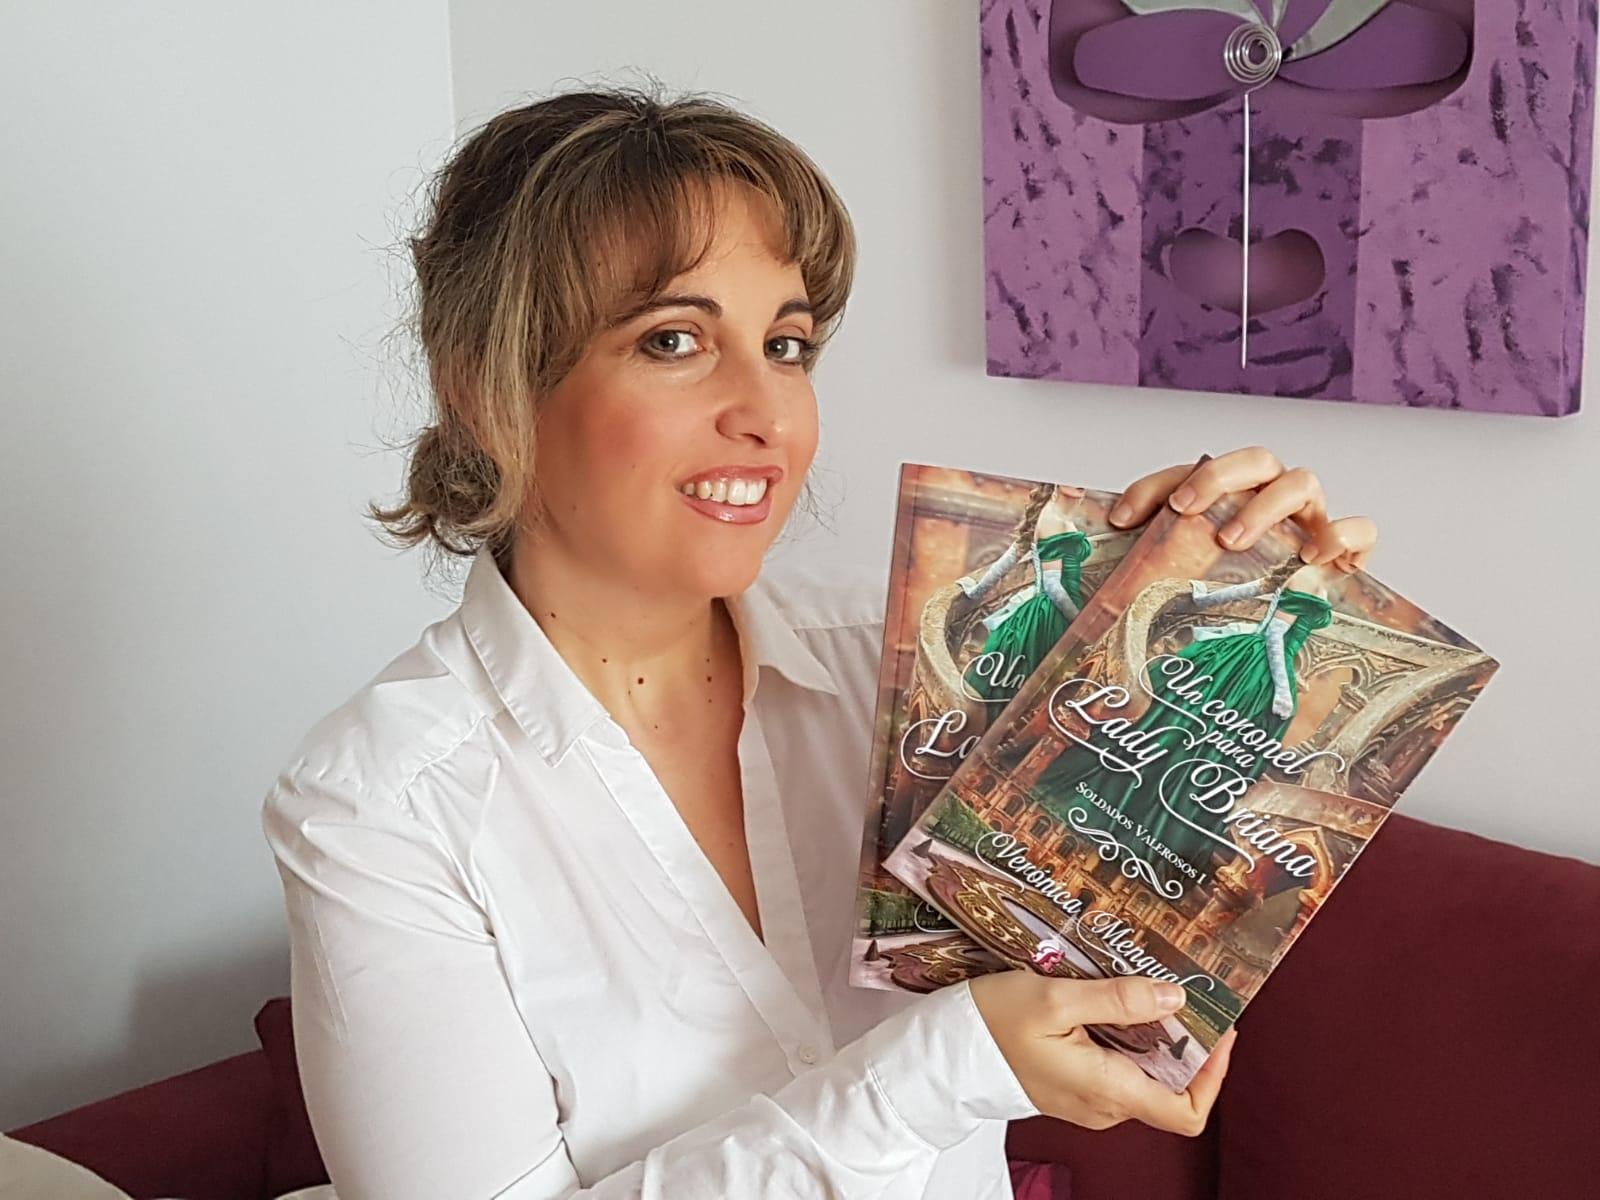 La autora dianense con su nueva novela